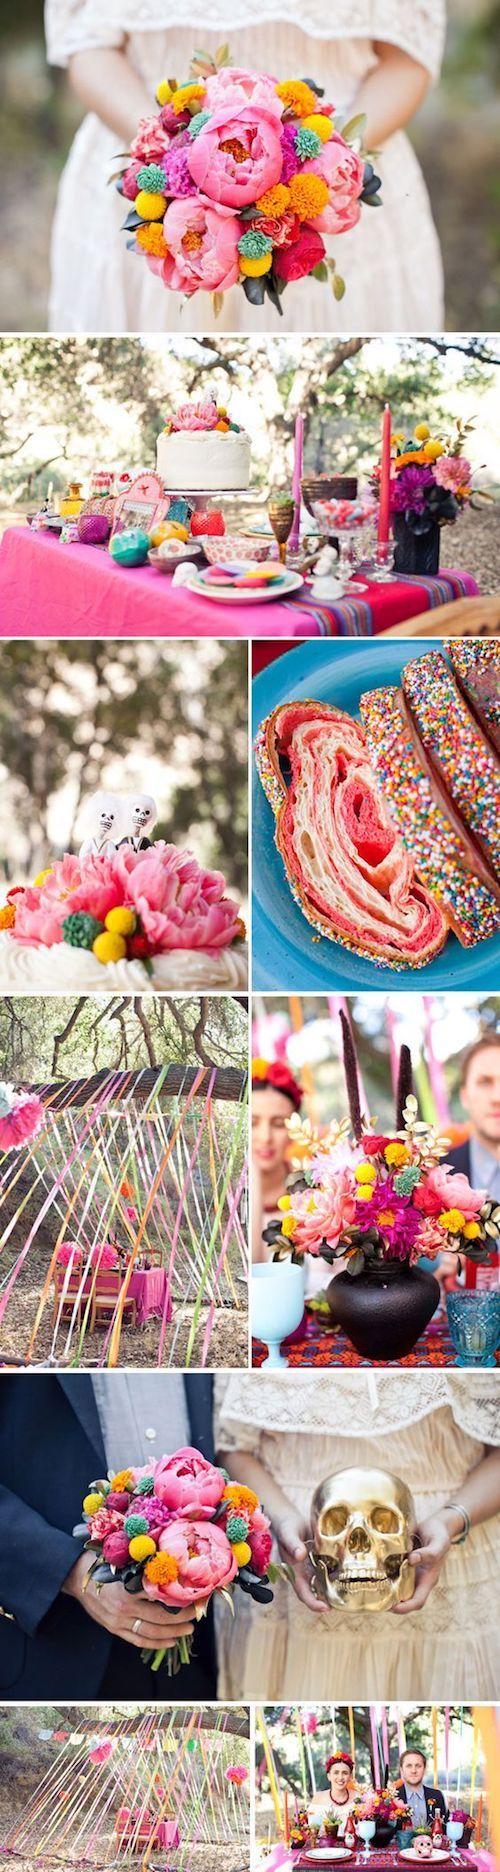 El color incita a la diversión y que mas lindo y colorido que una boda con inspiración mexicana.